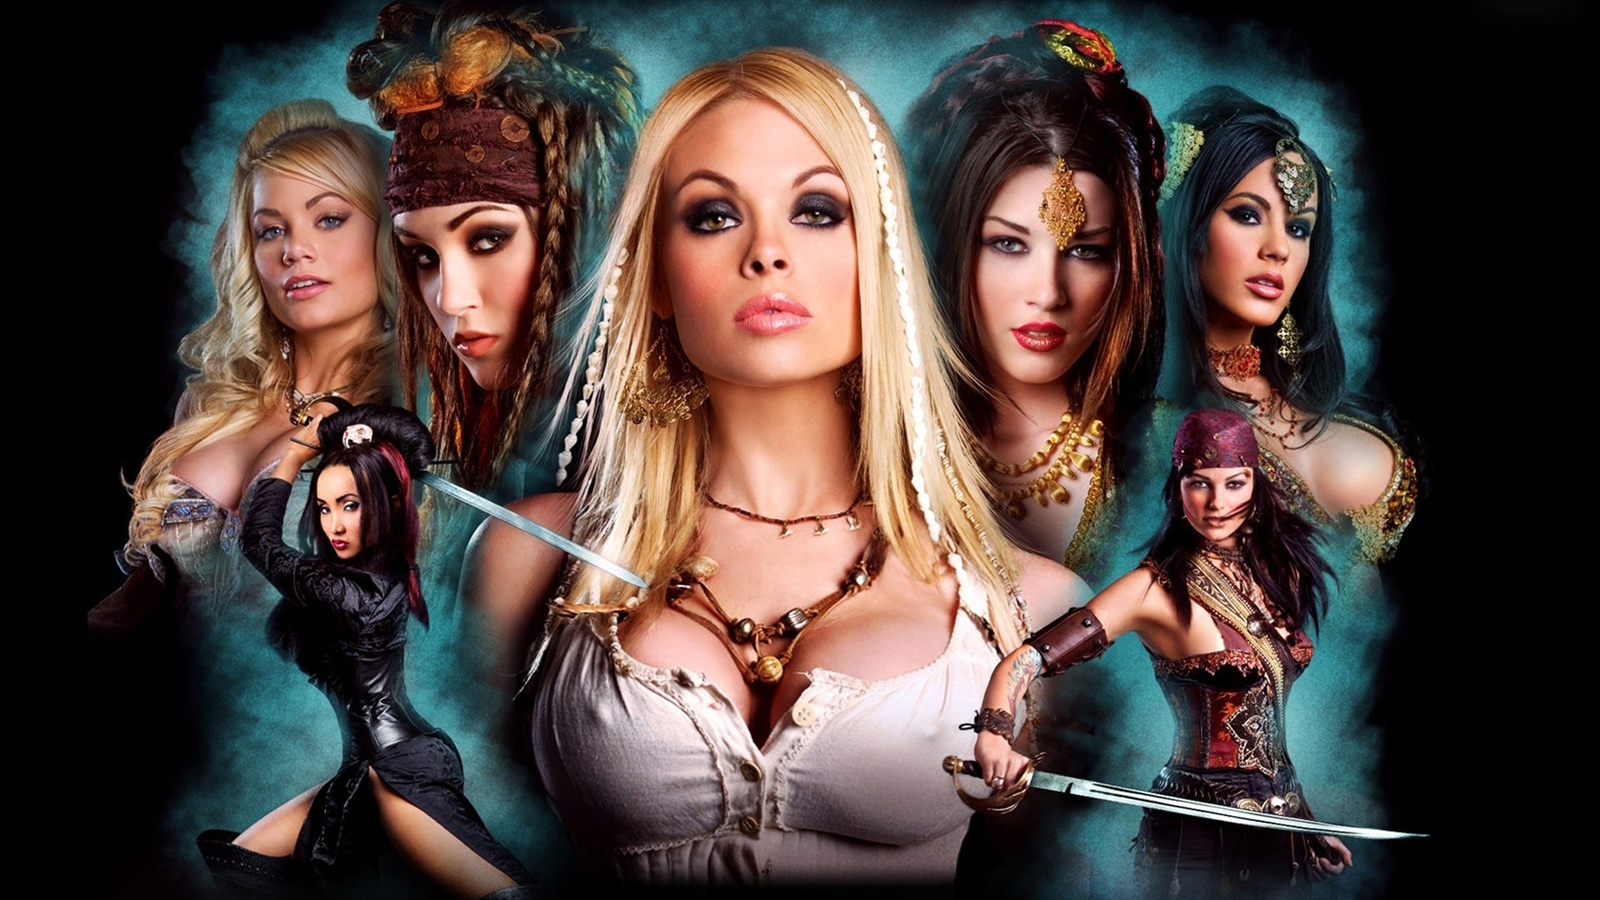 Pirates 2 stagnettis revenge full movie download